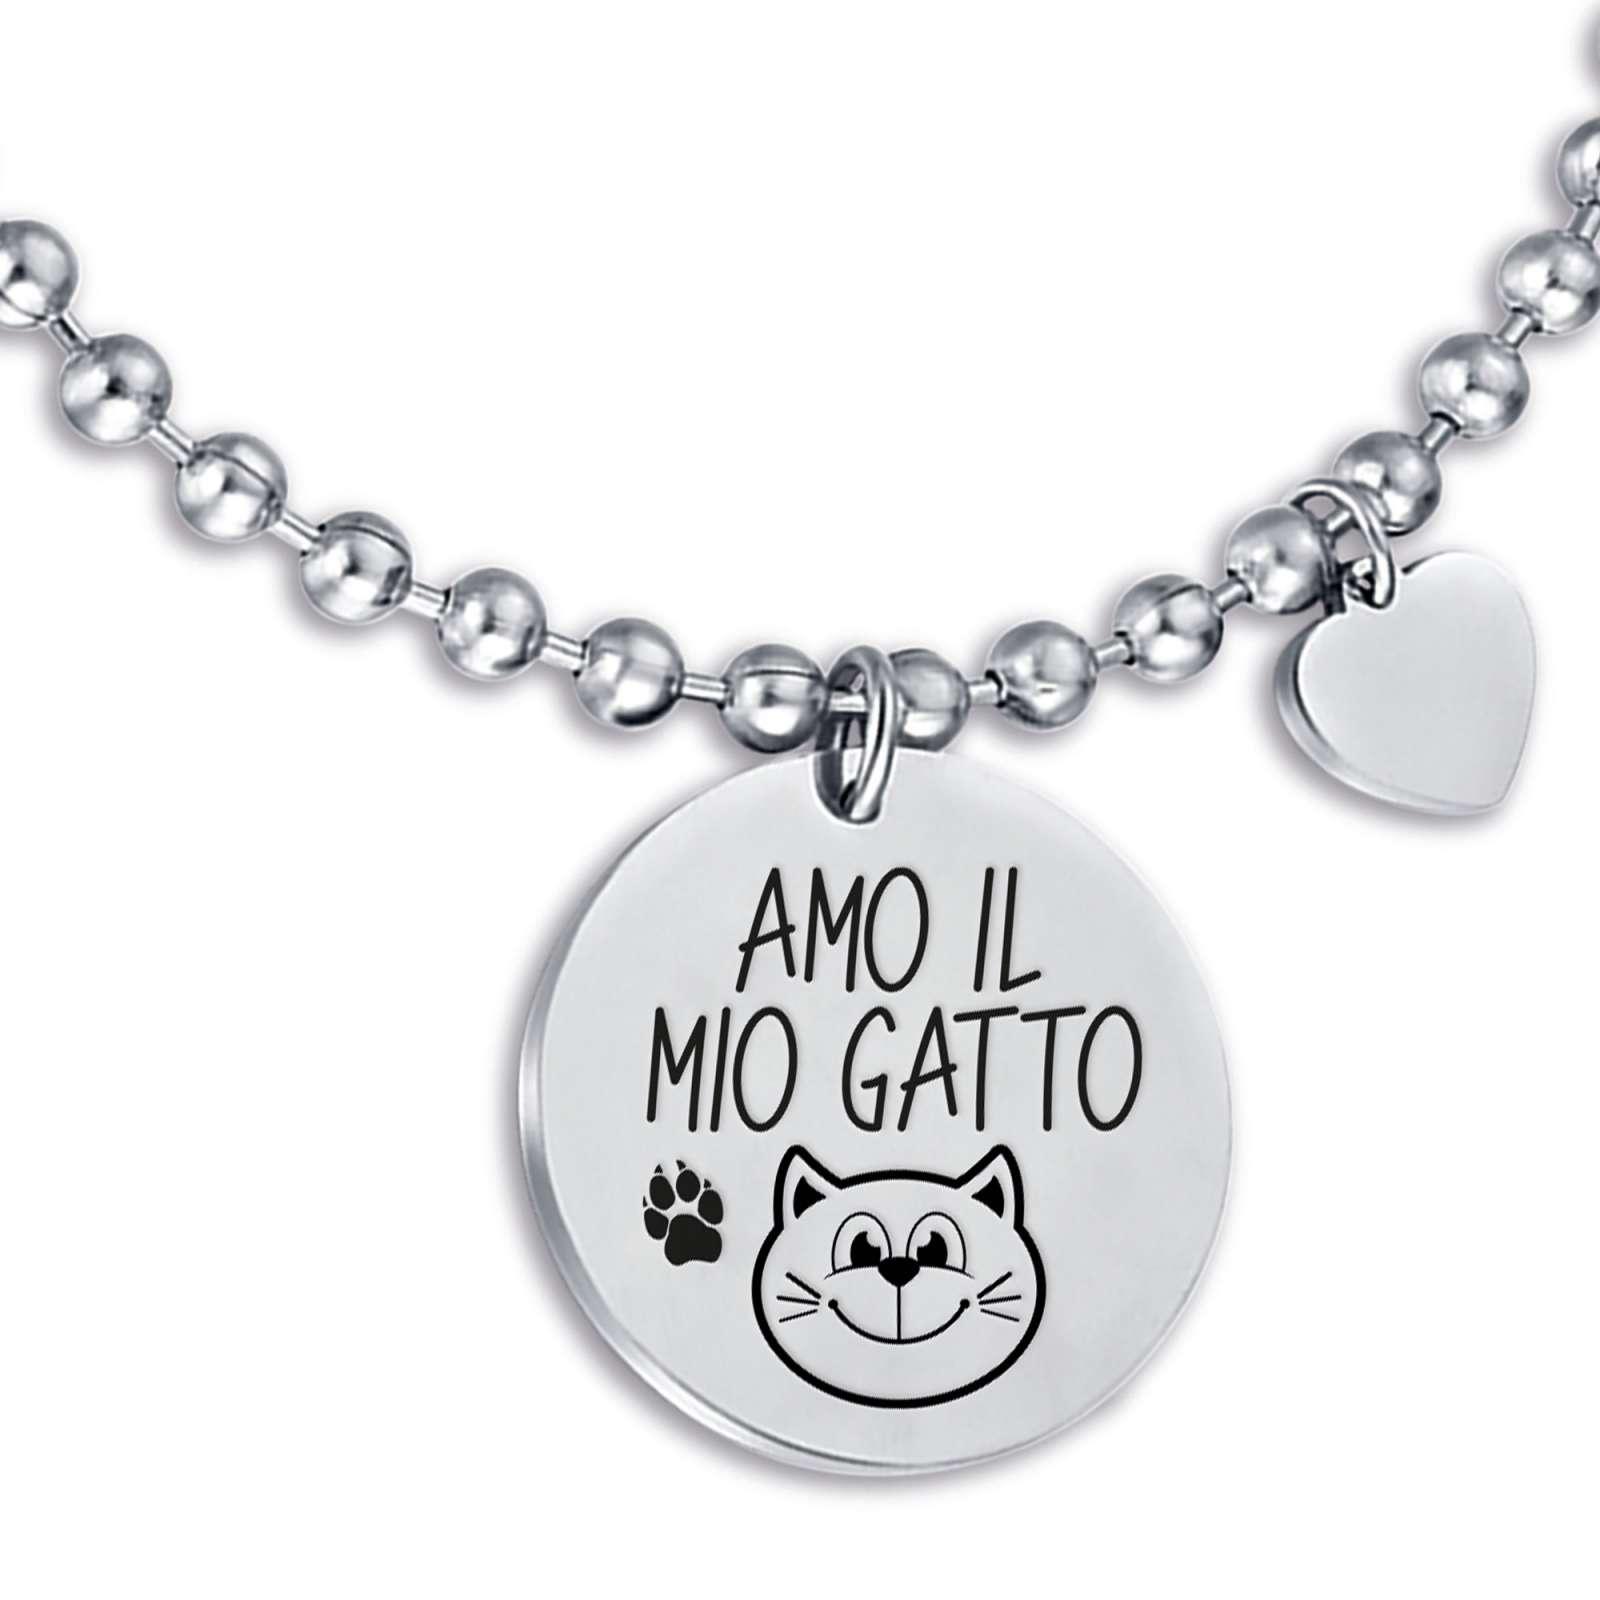 Luca Barra - Bracciale in acciaio amo il mio gatto